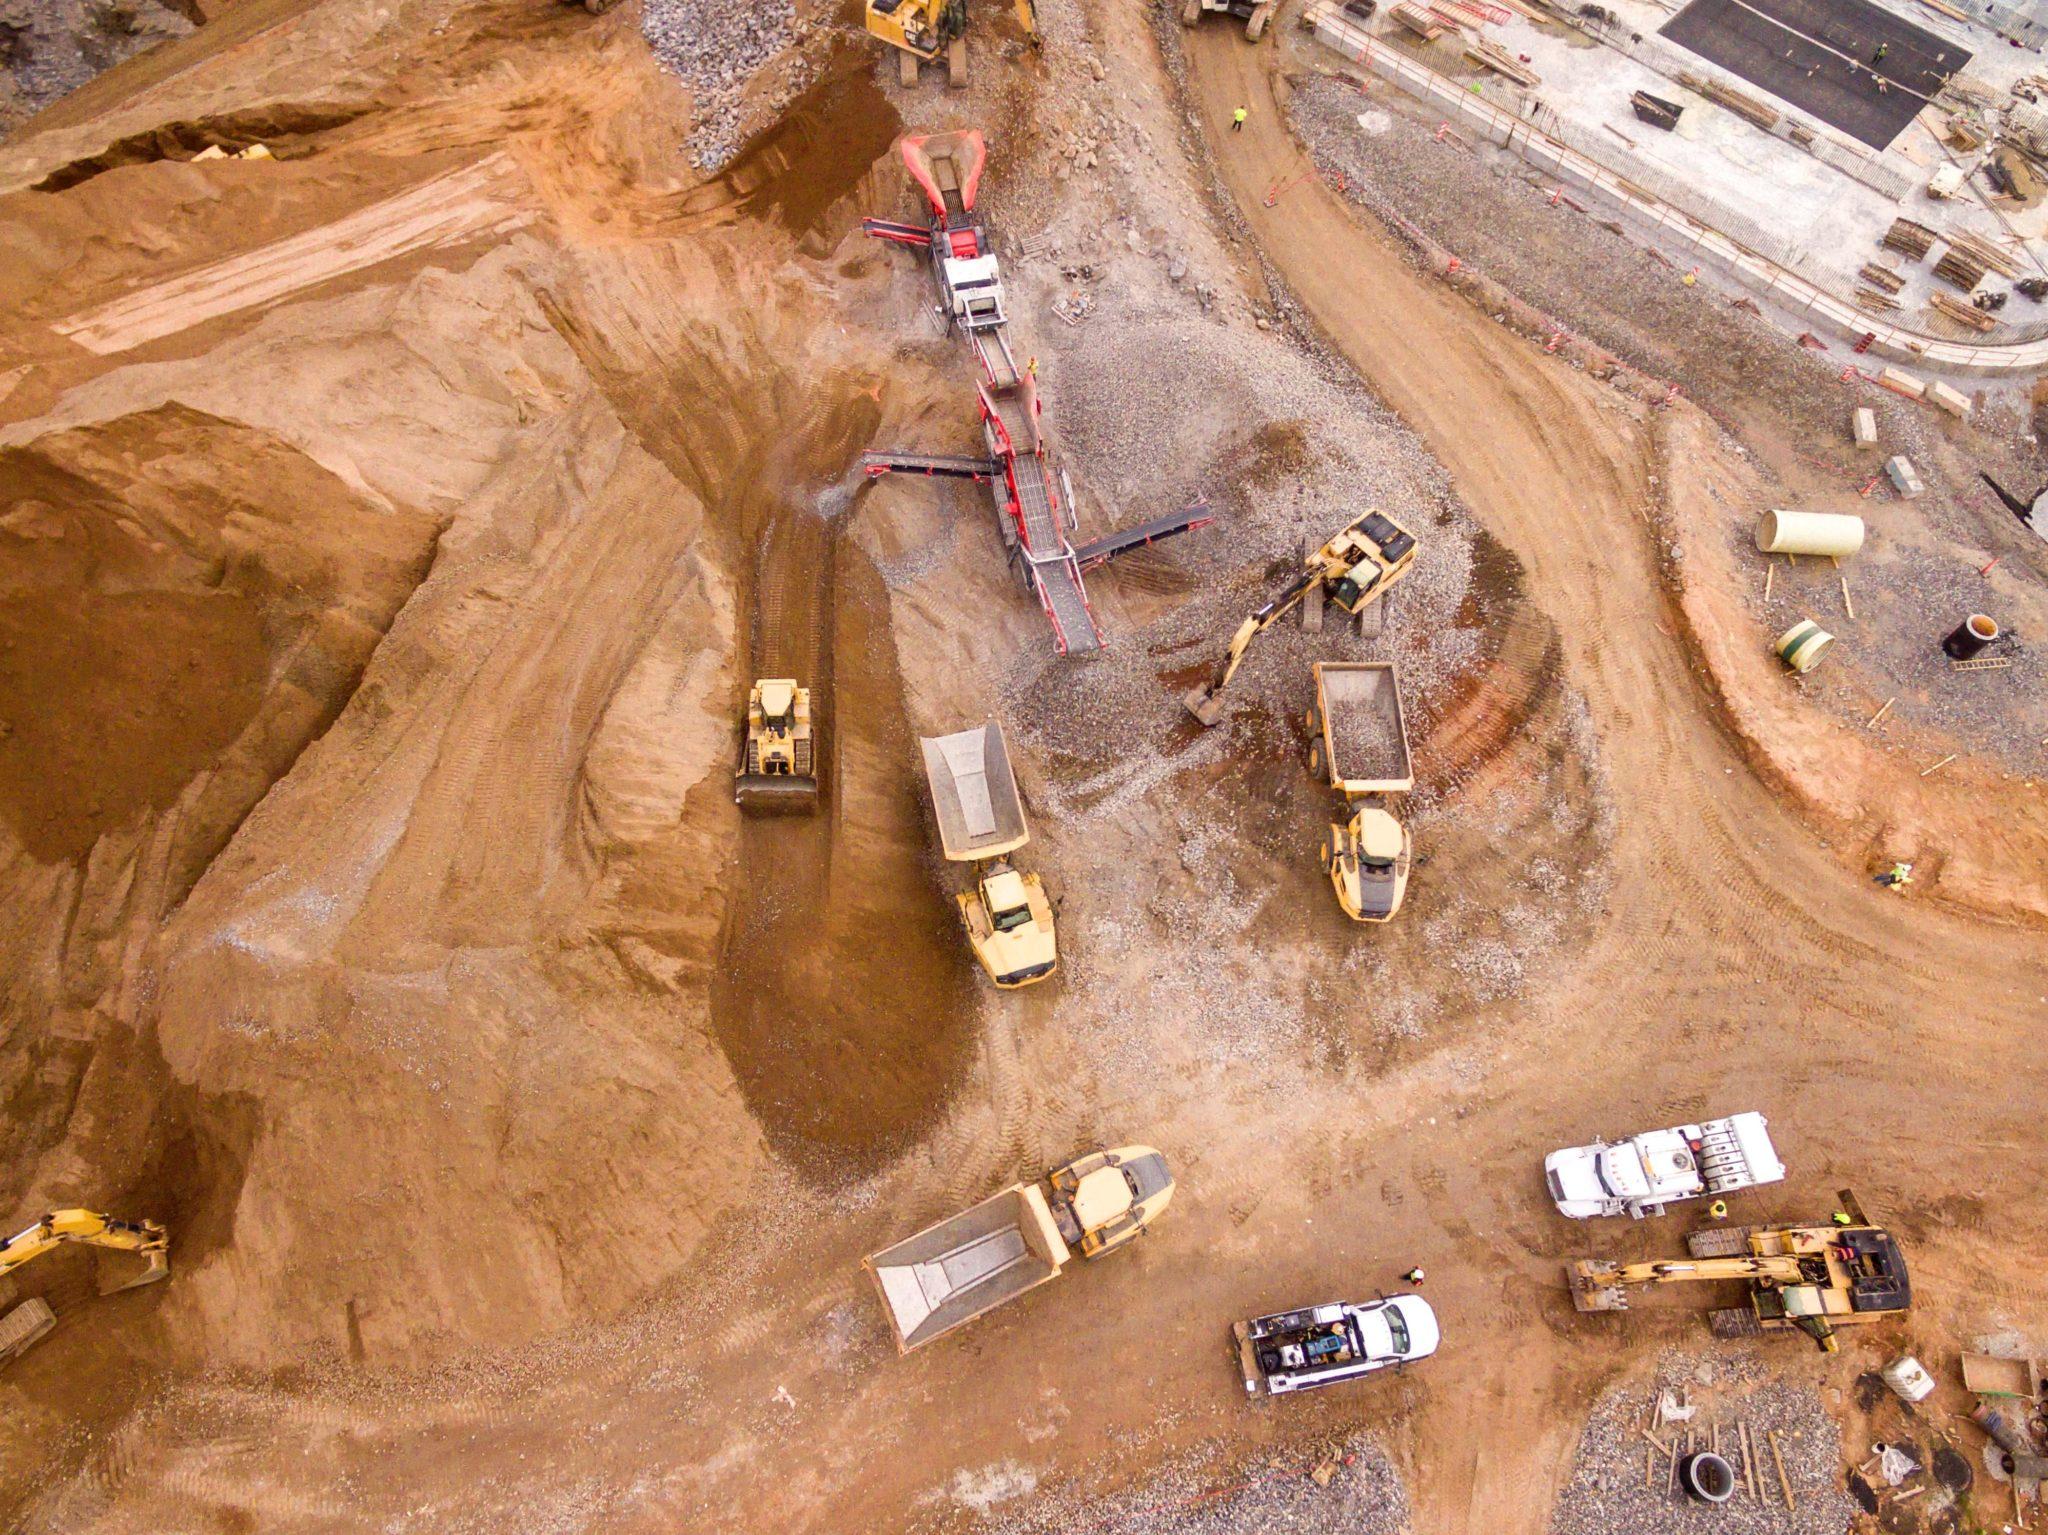 Eine Luftaufnahme von vielen Baggern und Lastwägen beim Rohstoff-Abbau.